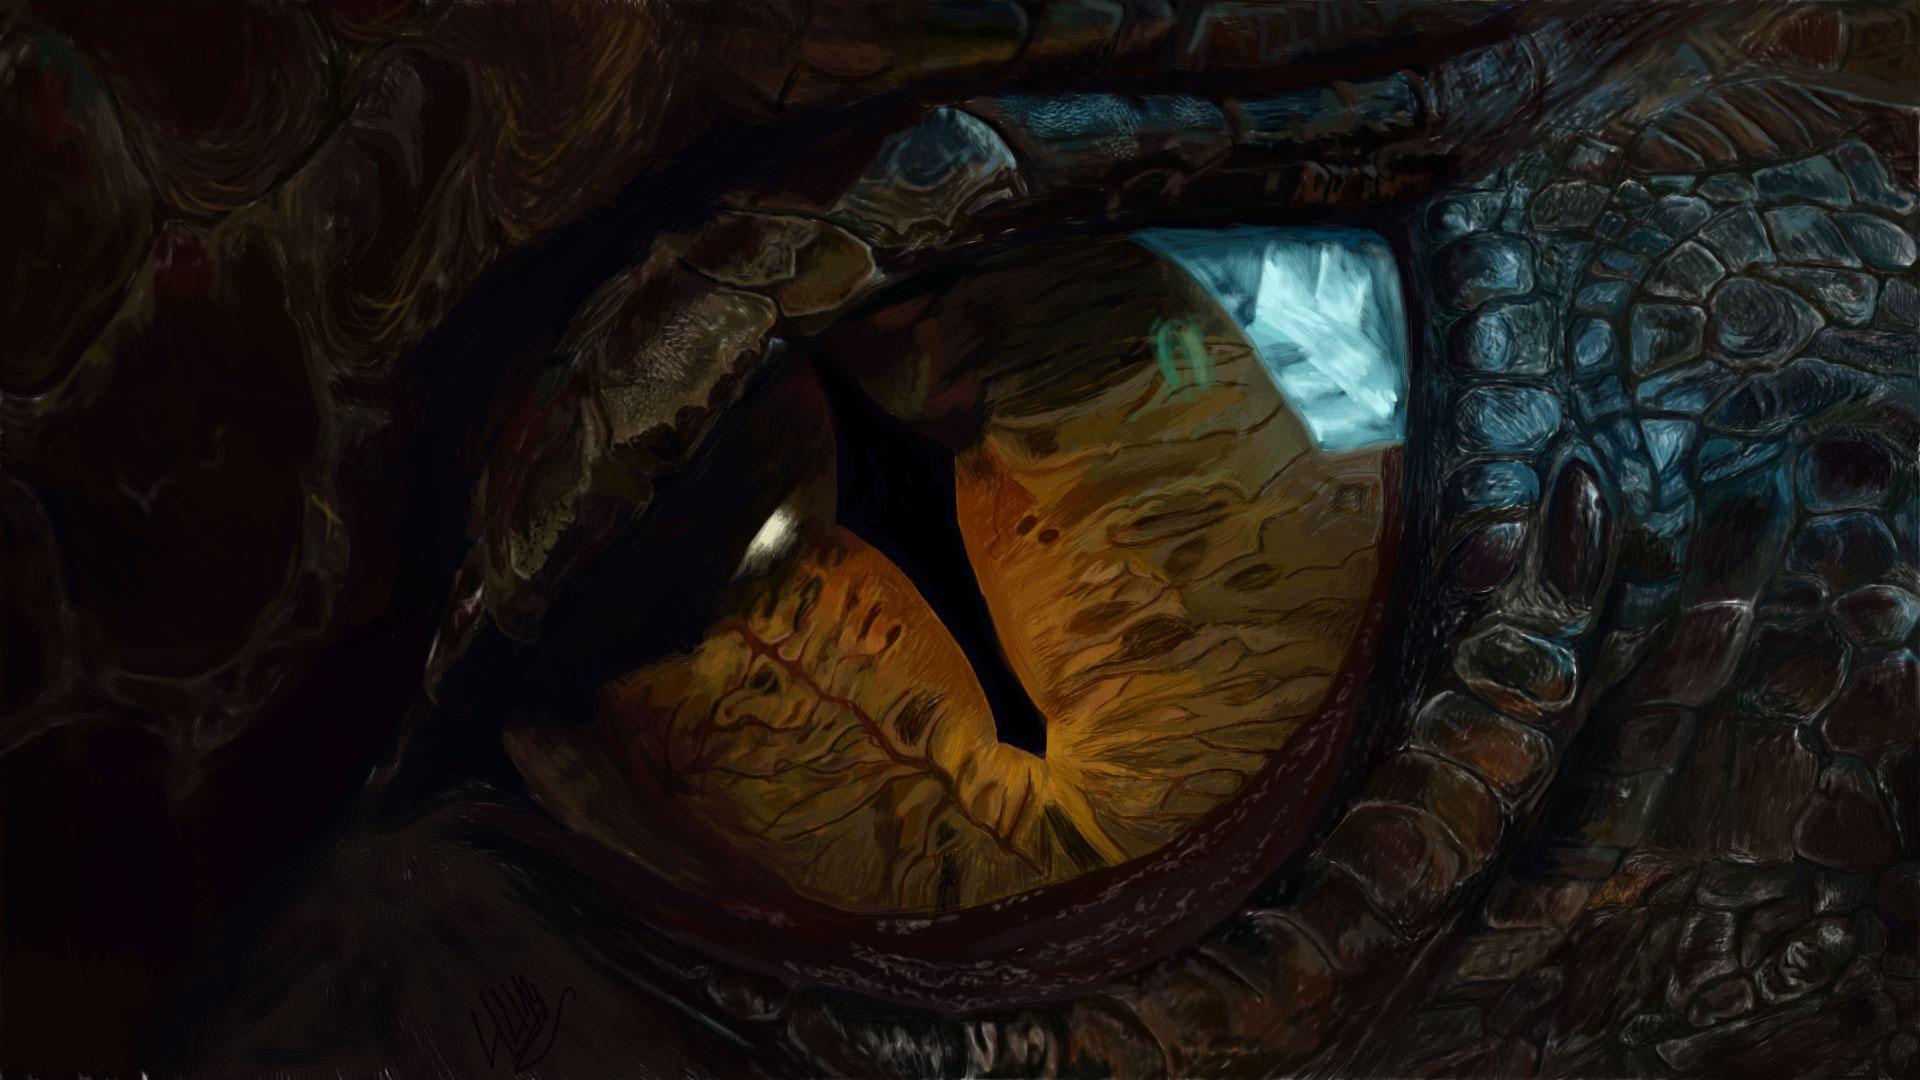 Hobbit 3 Eye Smaug Wallpaper HD 1920 x 1080 1920x1080